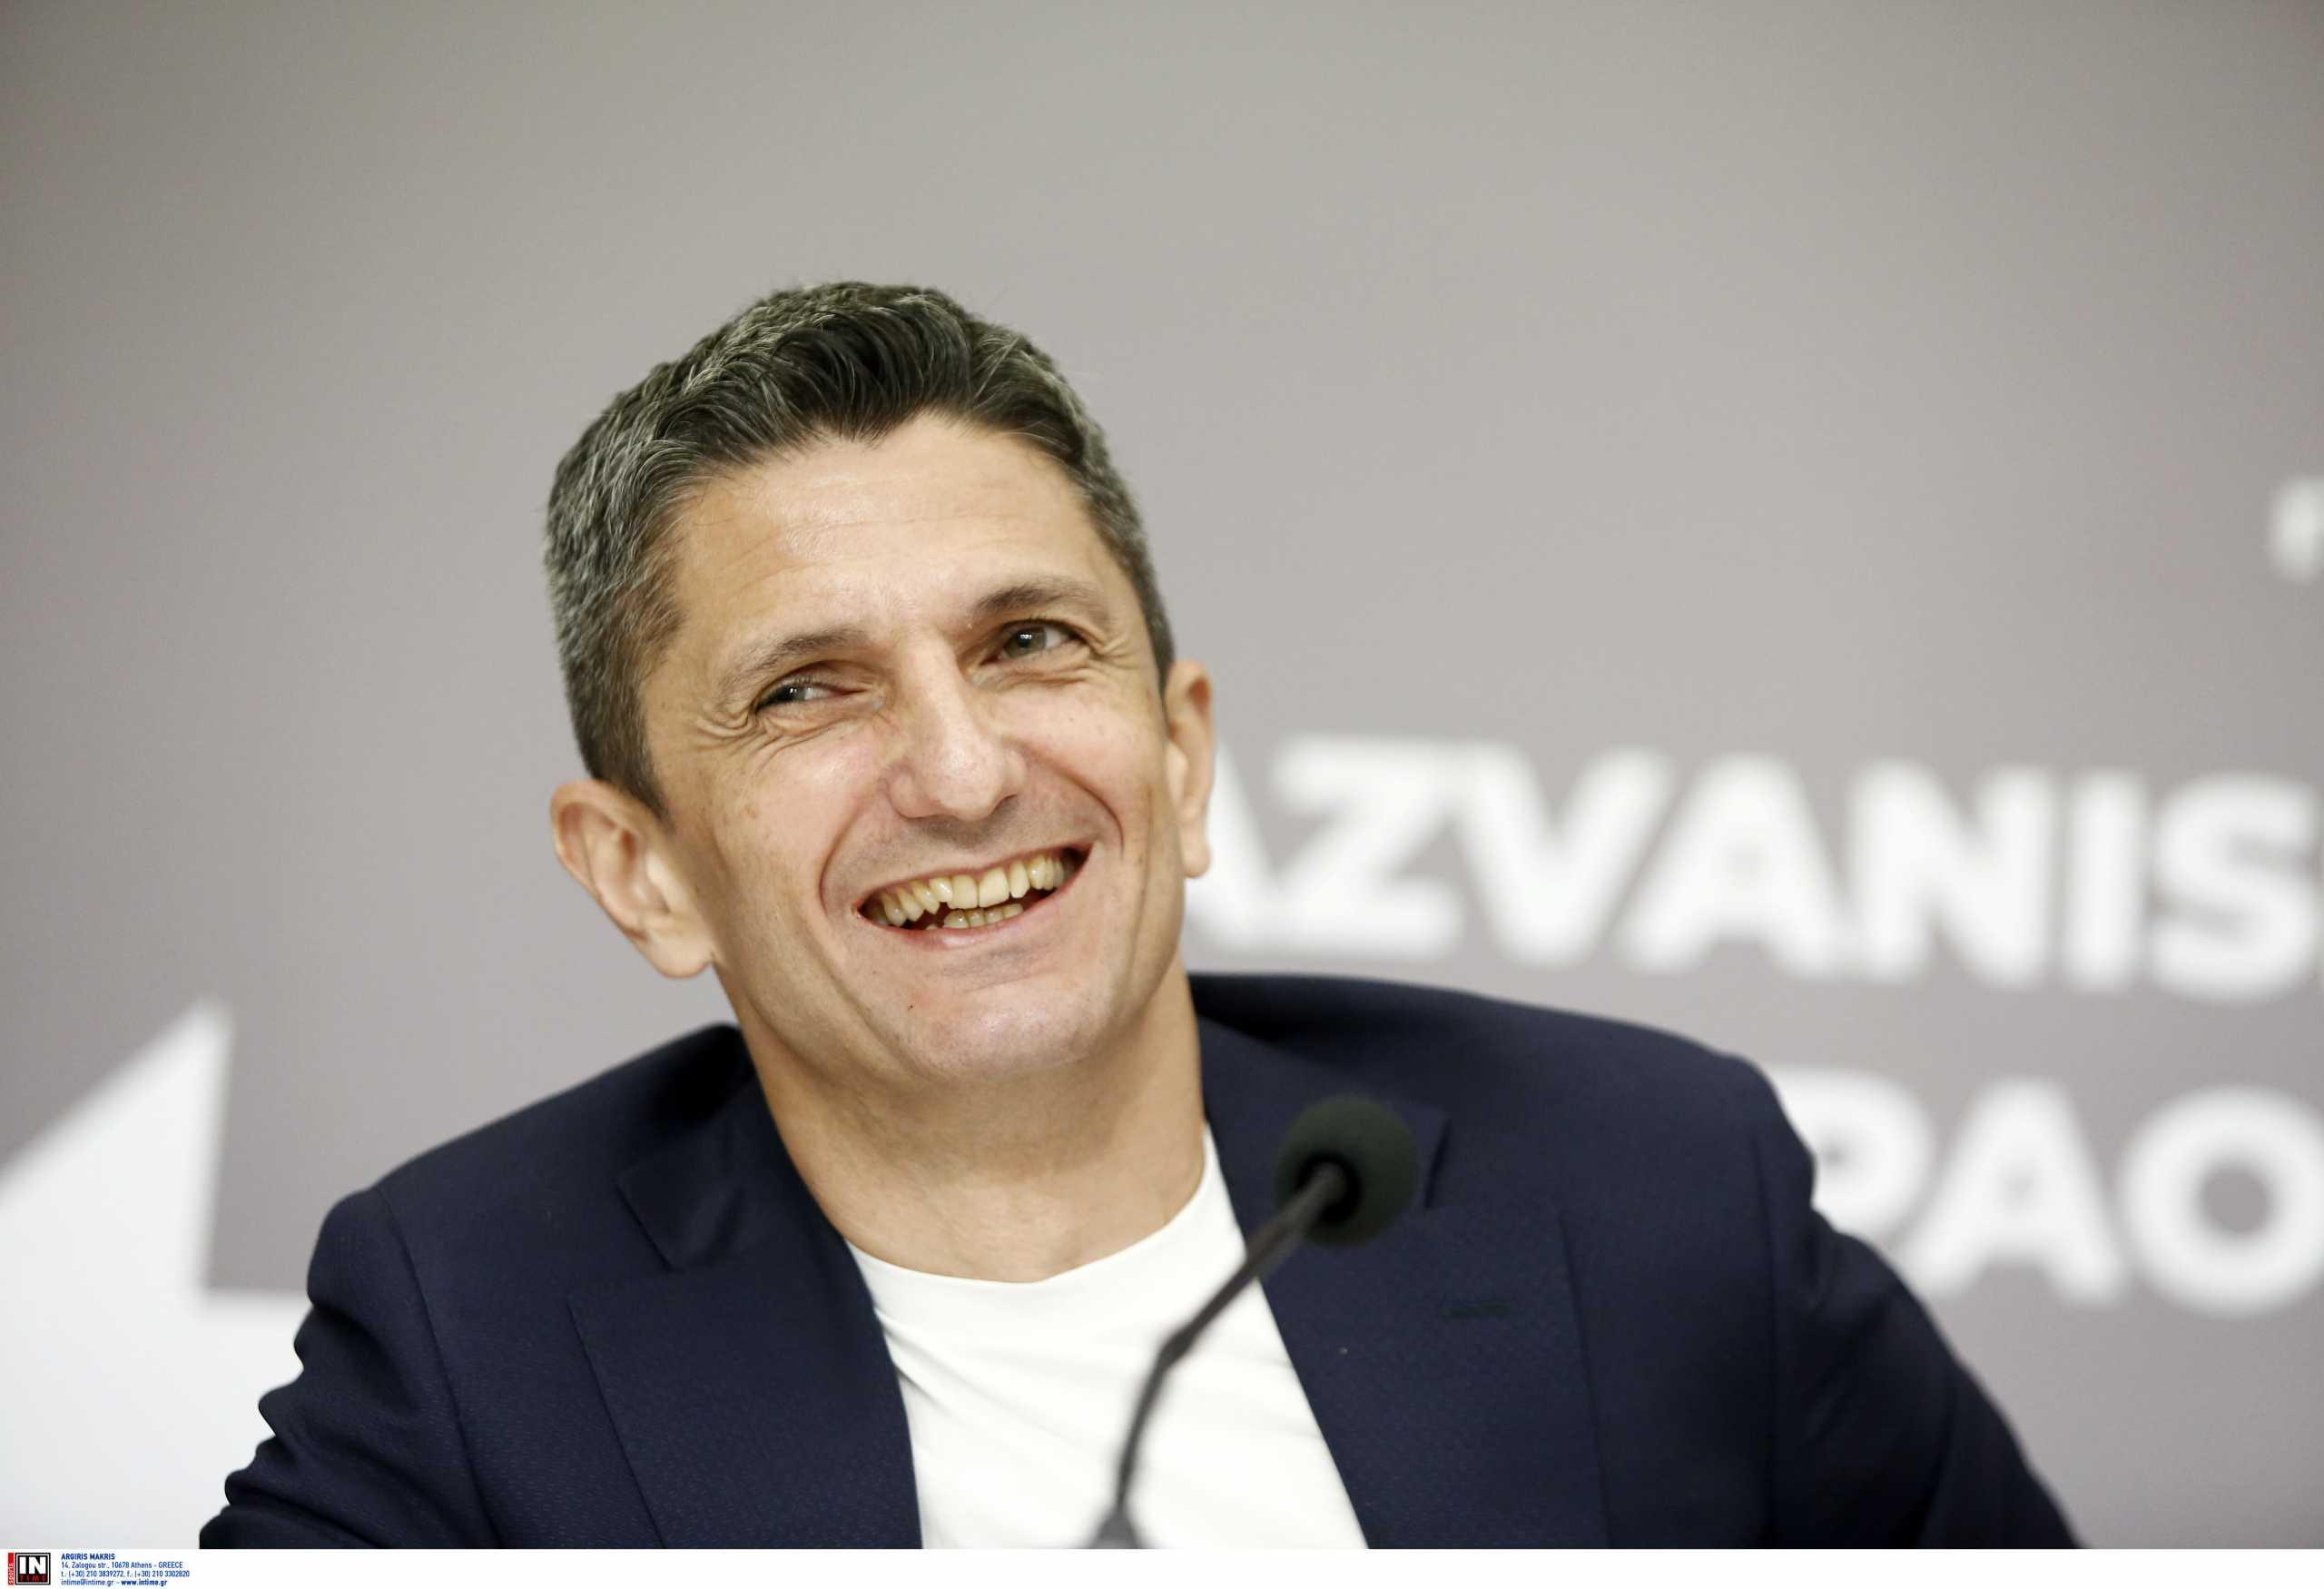 Λουτσέσκου: «Έχω κερδίσει πολλά στην Ελλάδα, είναι φυσιολογικό να υπάρχουν προσδοκίες»